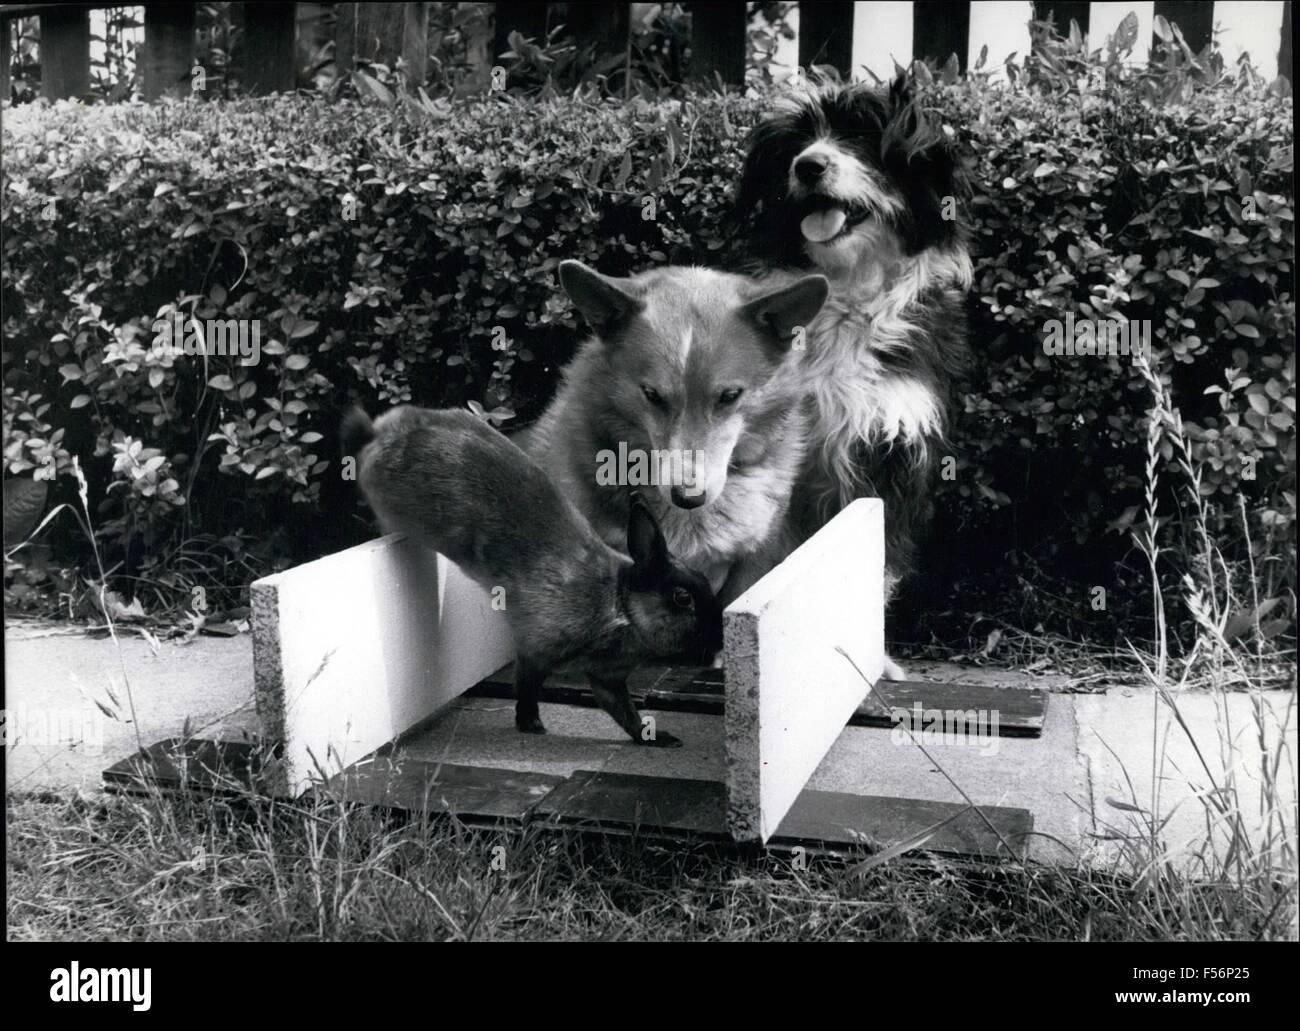 1962 - Corre conejo!! ''Pero siento correr hacia abajo'', dice Maryanne el conejo. ''Lo que realmente necesita.'' comienza a Buster el Corgie Doggo-Vite ''.'' concluye Jess. Todo esto se lleva a cabo en la Sra. Olive Tate's back yard en Bexleuheath. © Fotos Keystone USA/ZUMAPRESS.com/Alamy Live News Foto de stock